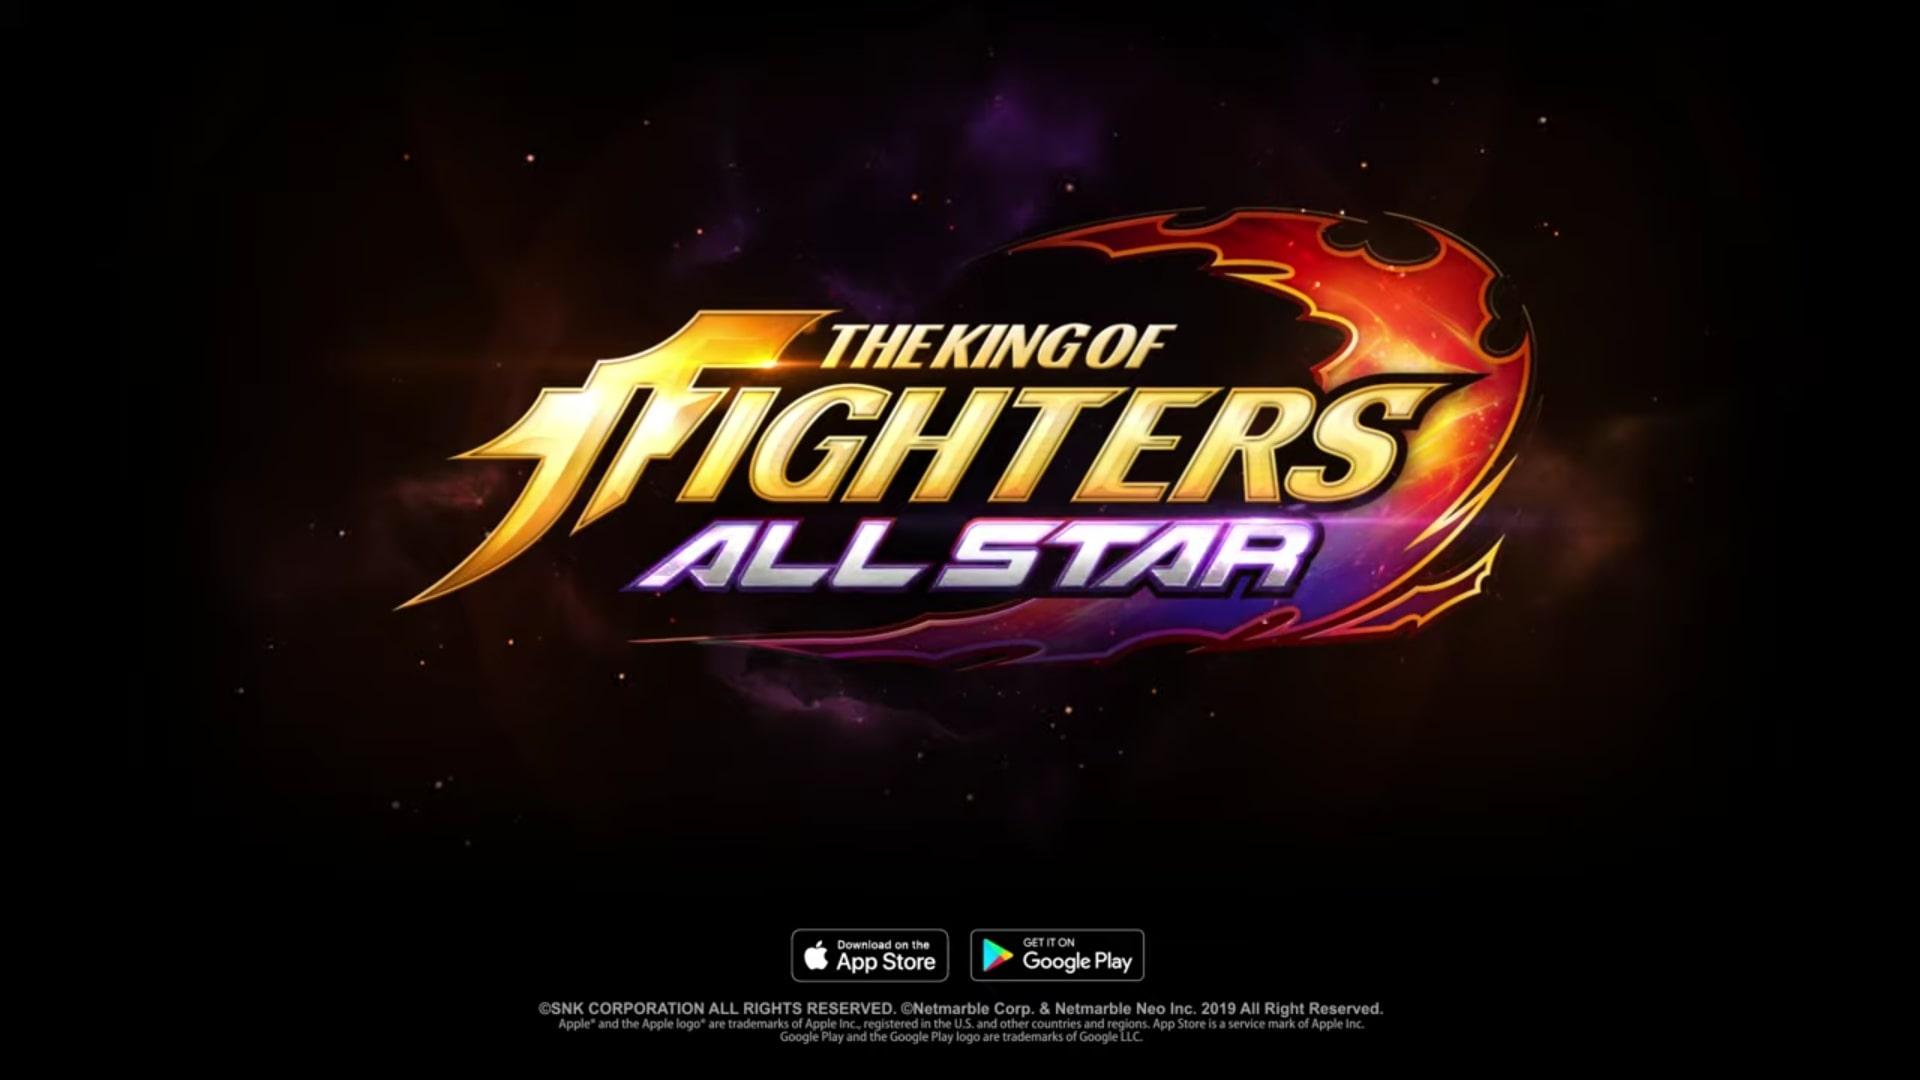 Игра The King of Fighters ALLSTAR появилась на мобильных устройствах